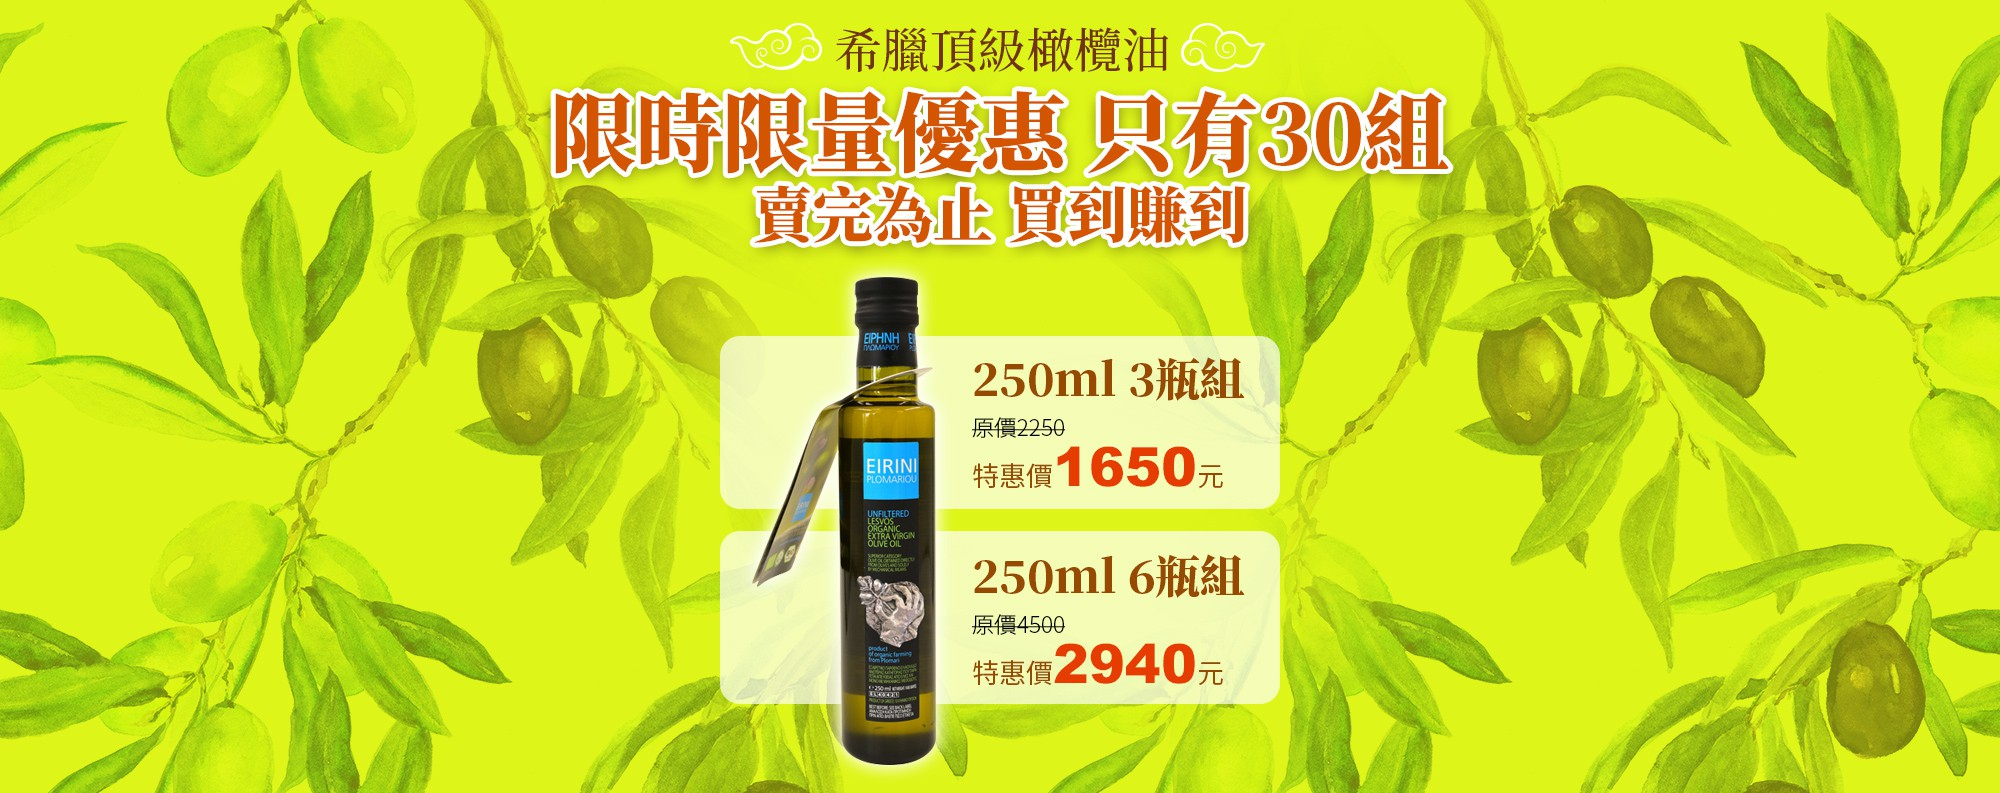 希臘頂級橄欖油250ml,限量30組,賣完為止,買到賺到!